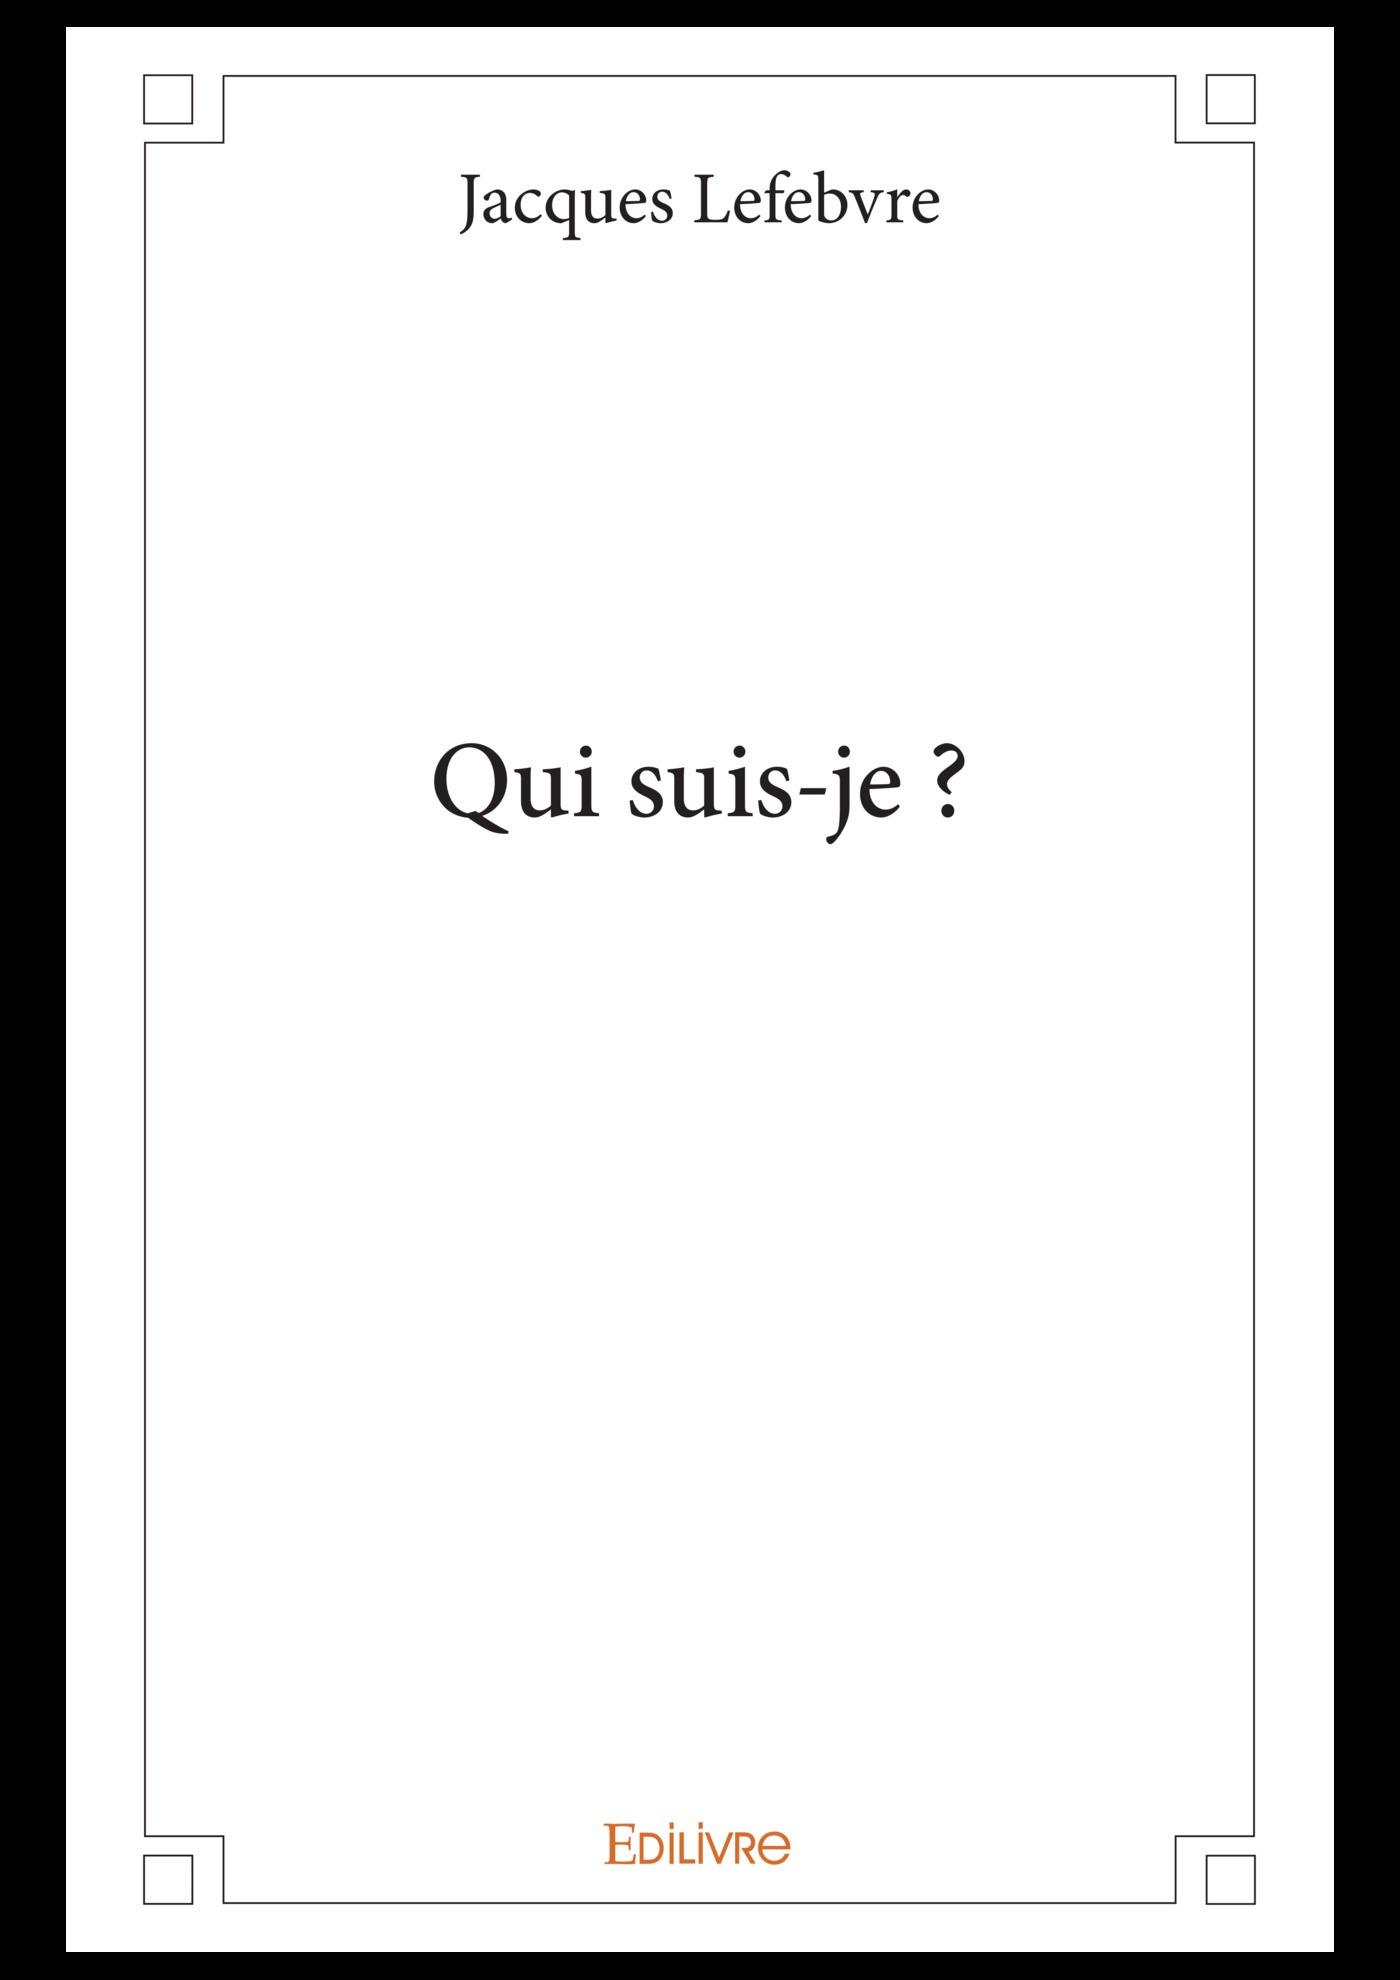 Qui suis-je ?  - Jacques Lefebvre